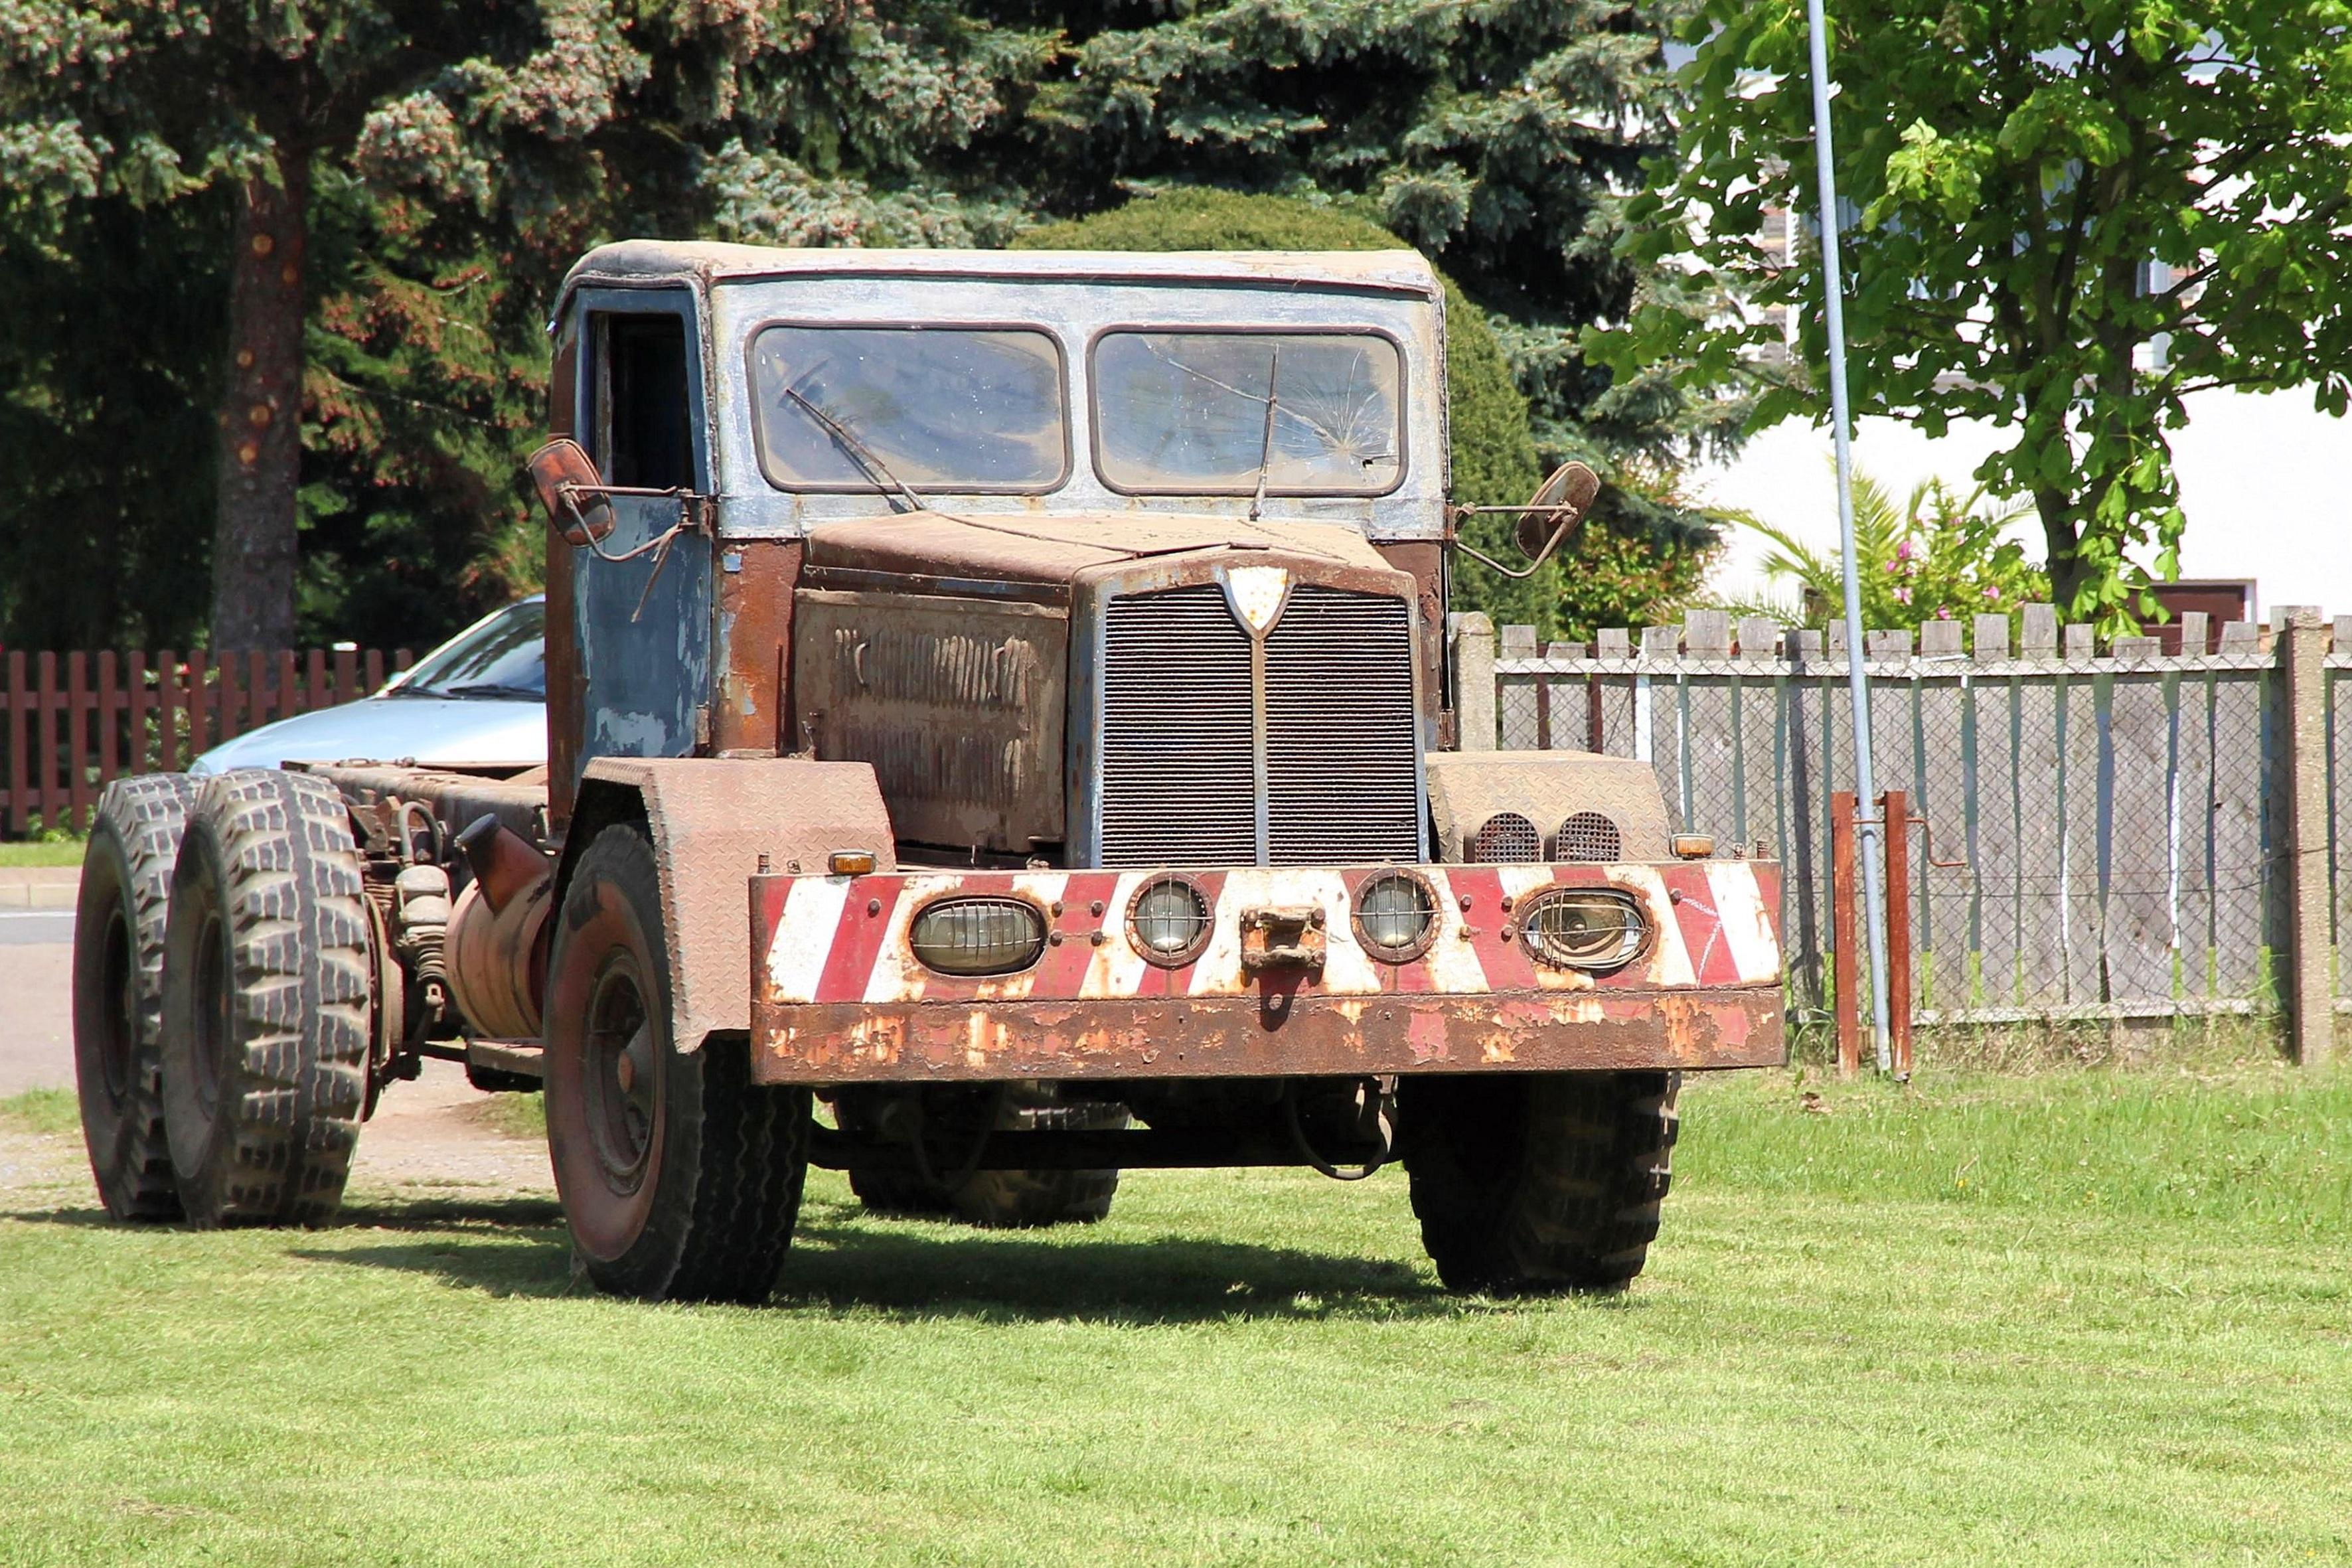 images gratuites vieux jeep un camion v hicule voiture ancienne allemagne historiquement. Black Bedroom Furniture Sets. Home Design Ideas